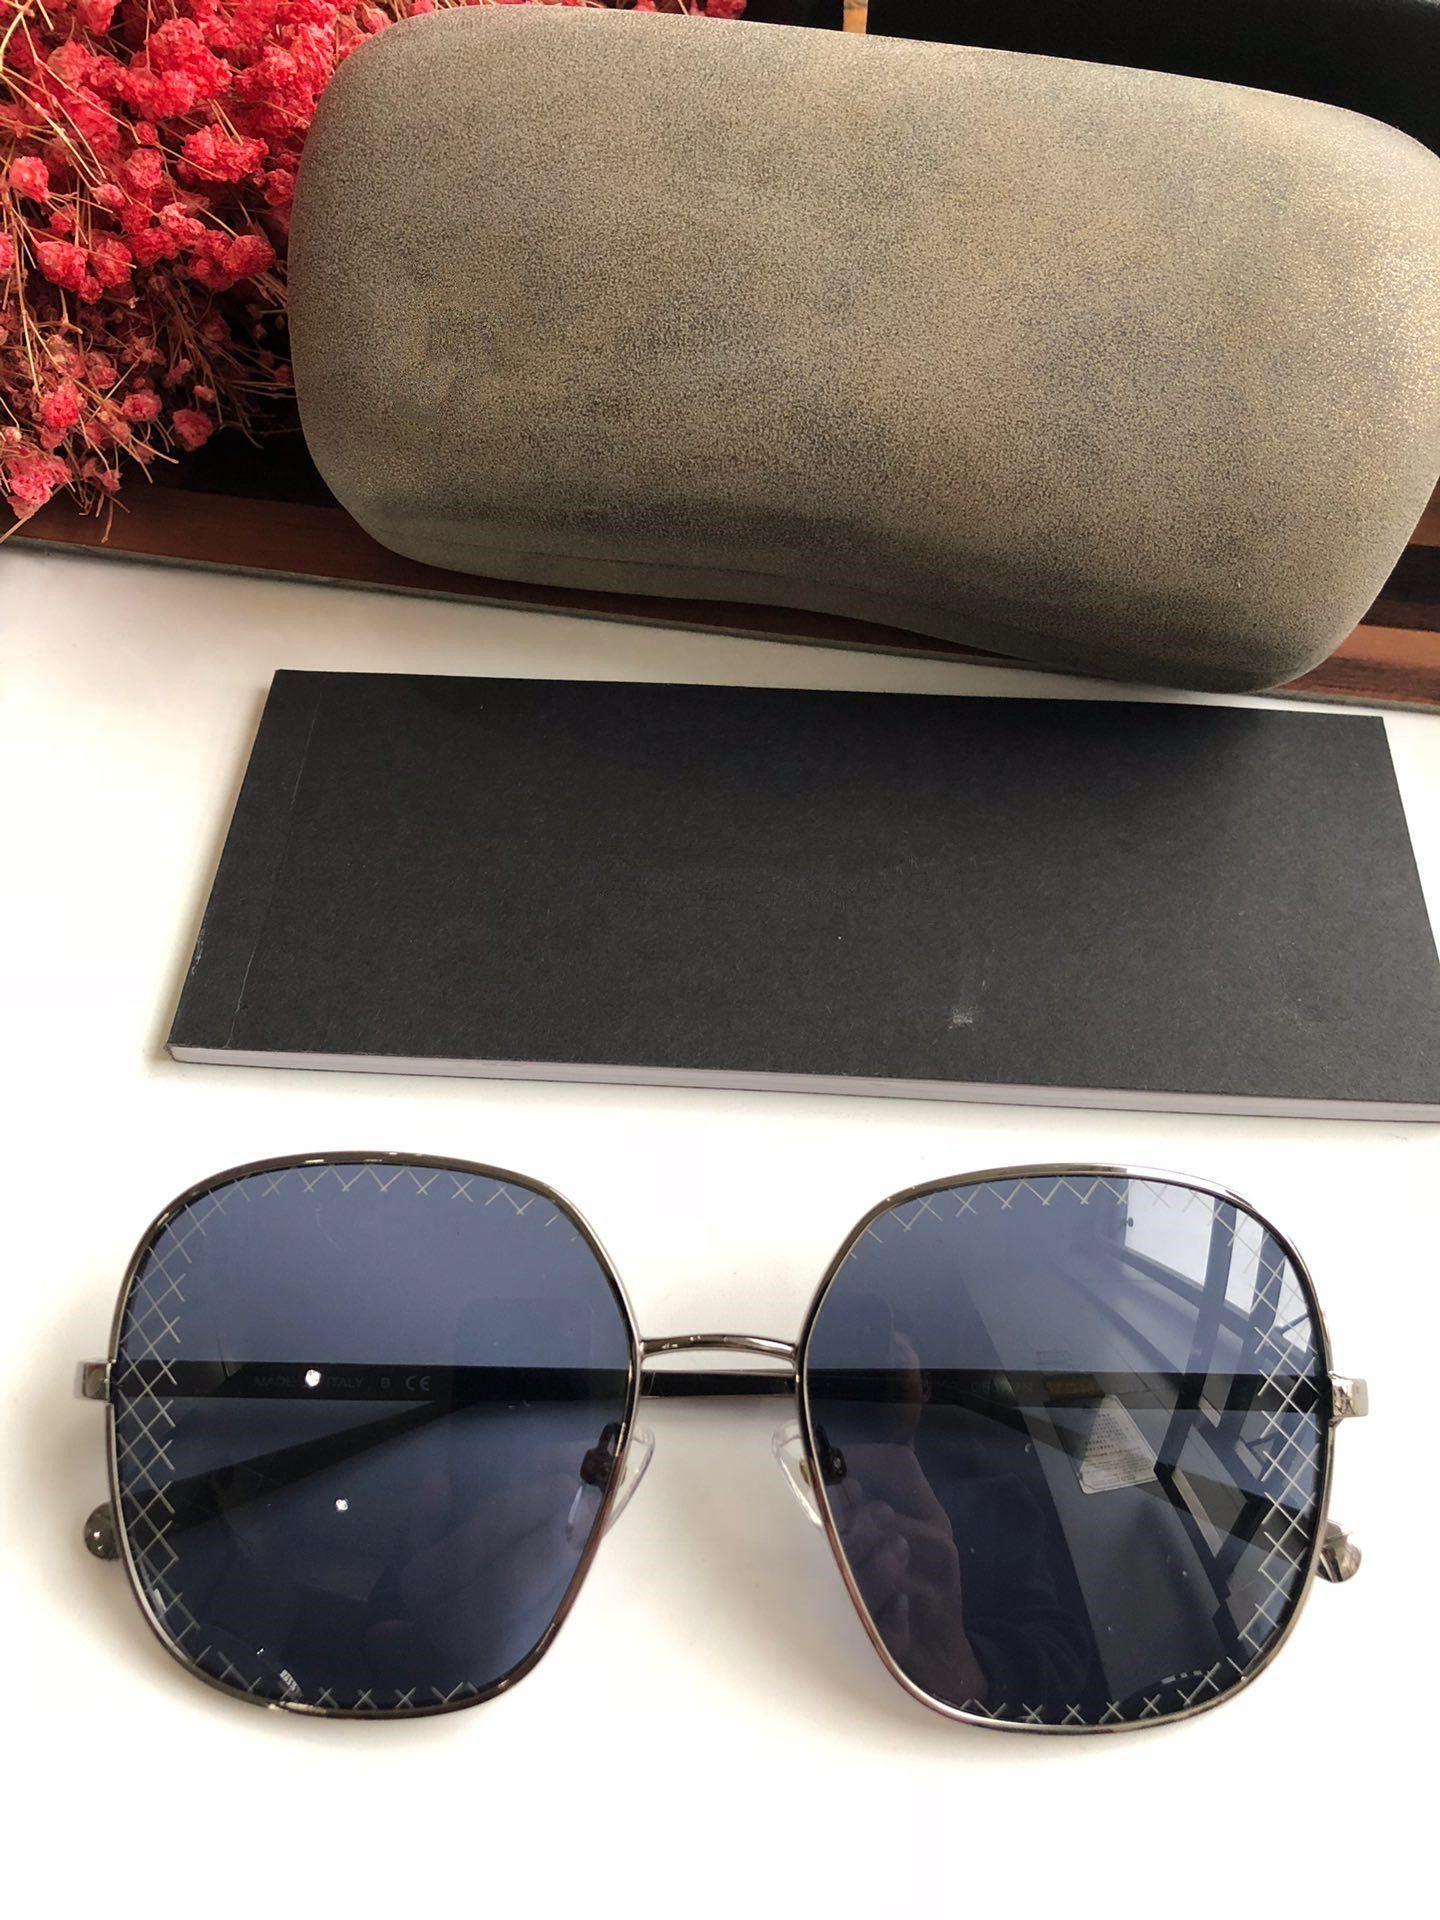 Солнцезащитные очки дизайнерская защита для бренда очки мужские женские женские женские дизайнер для мужских солнцезащитных очков УФ-салфетки мужские солнцезащитные очки 425 спа